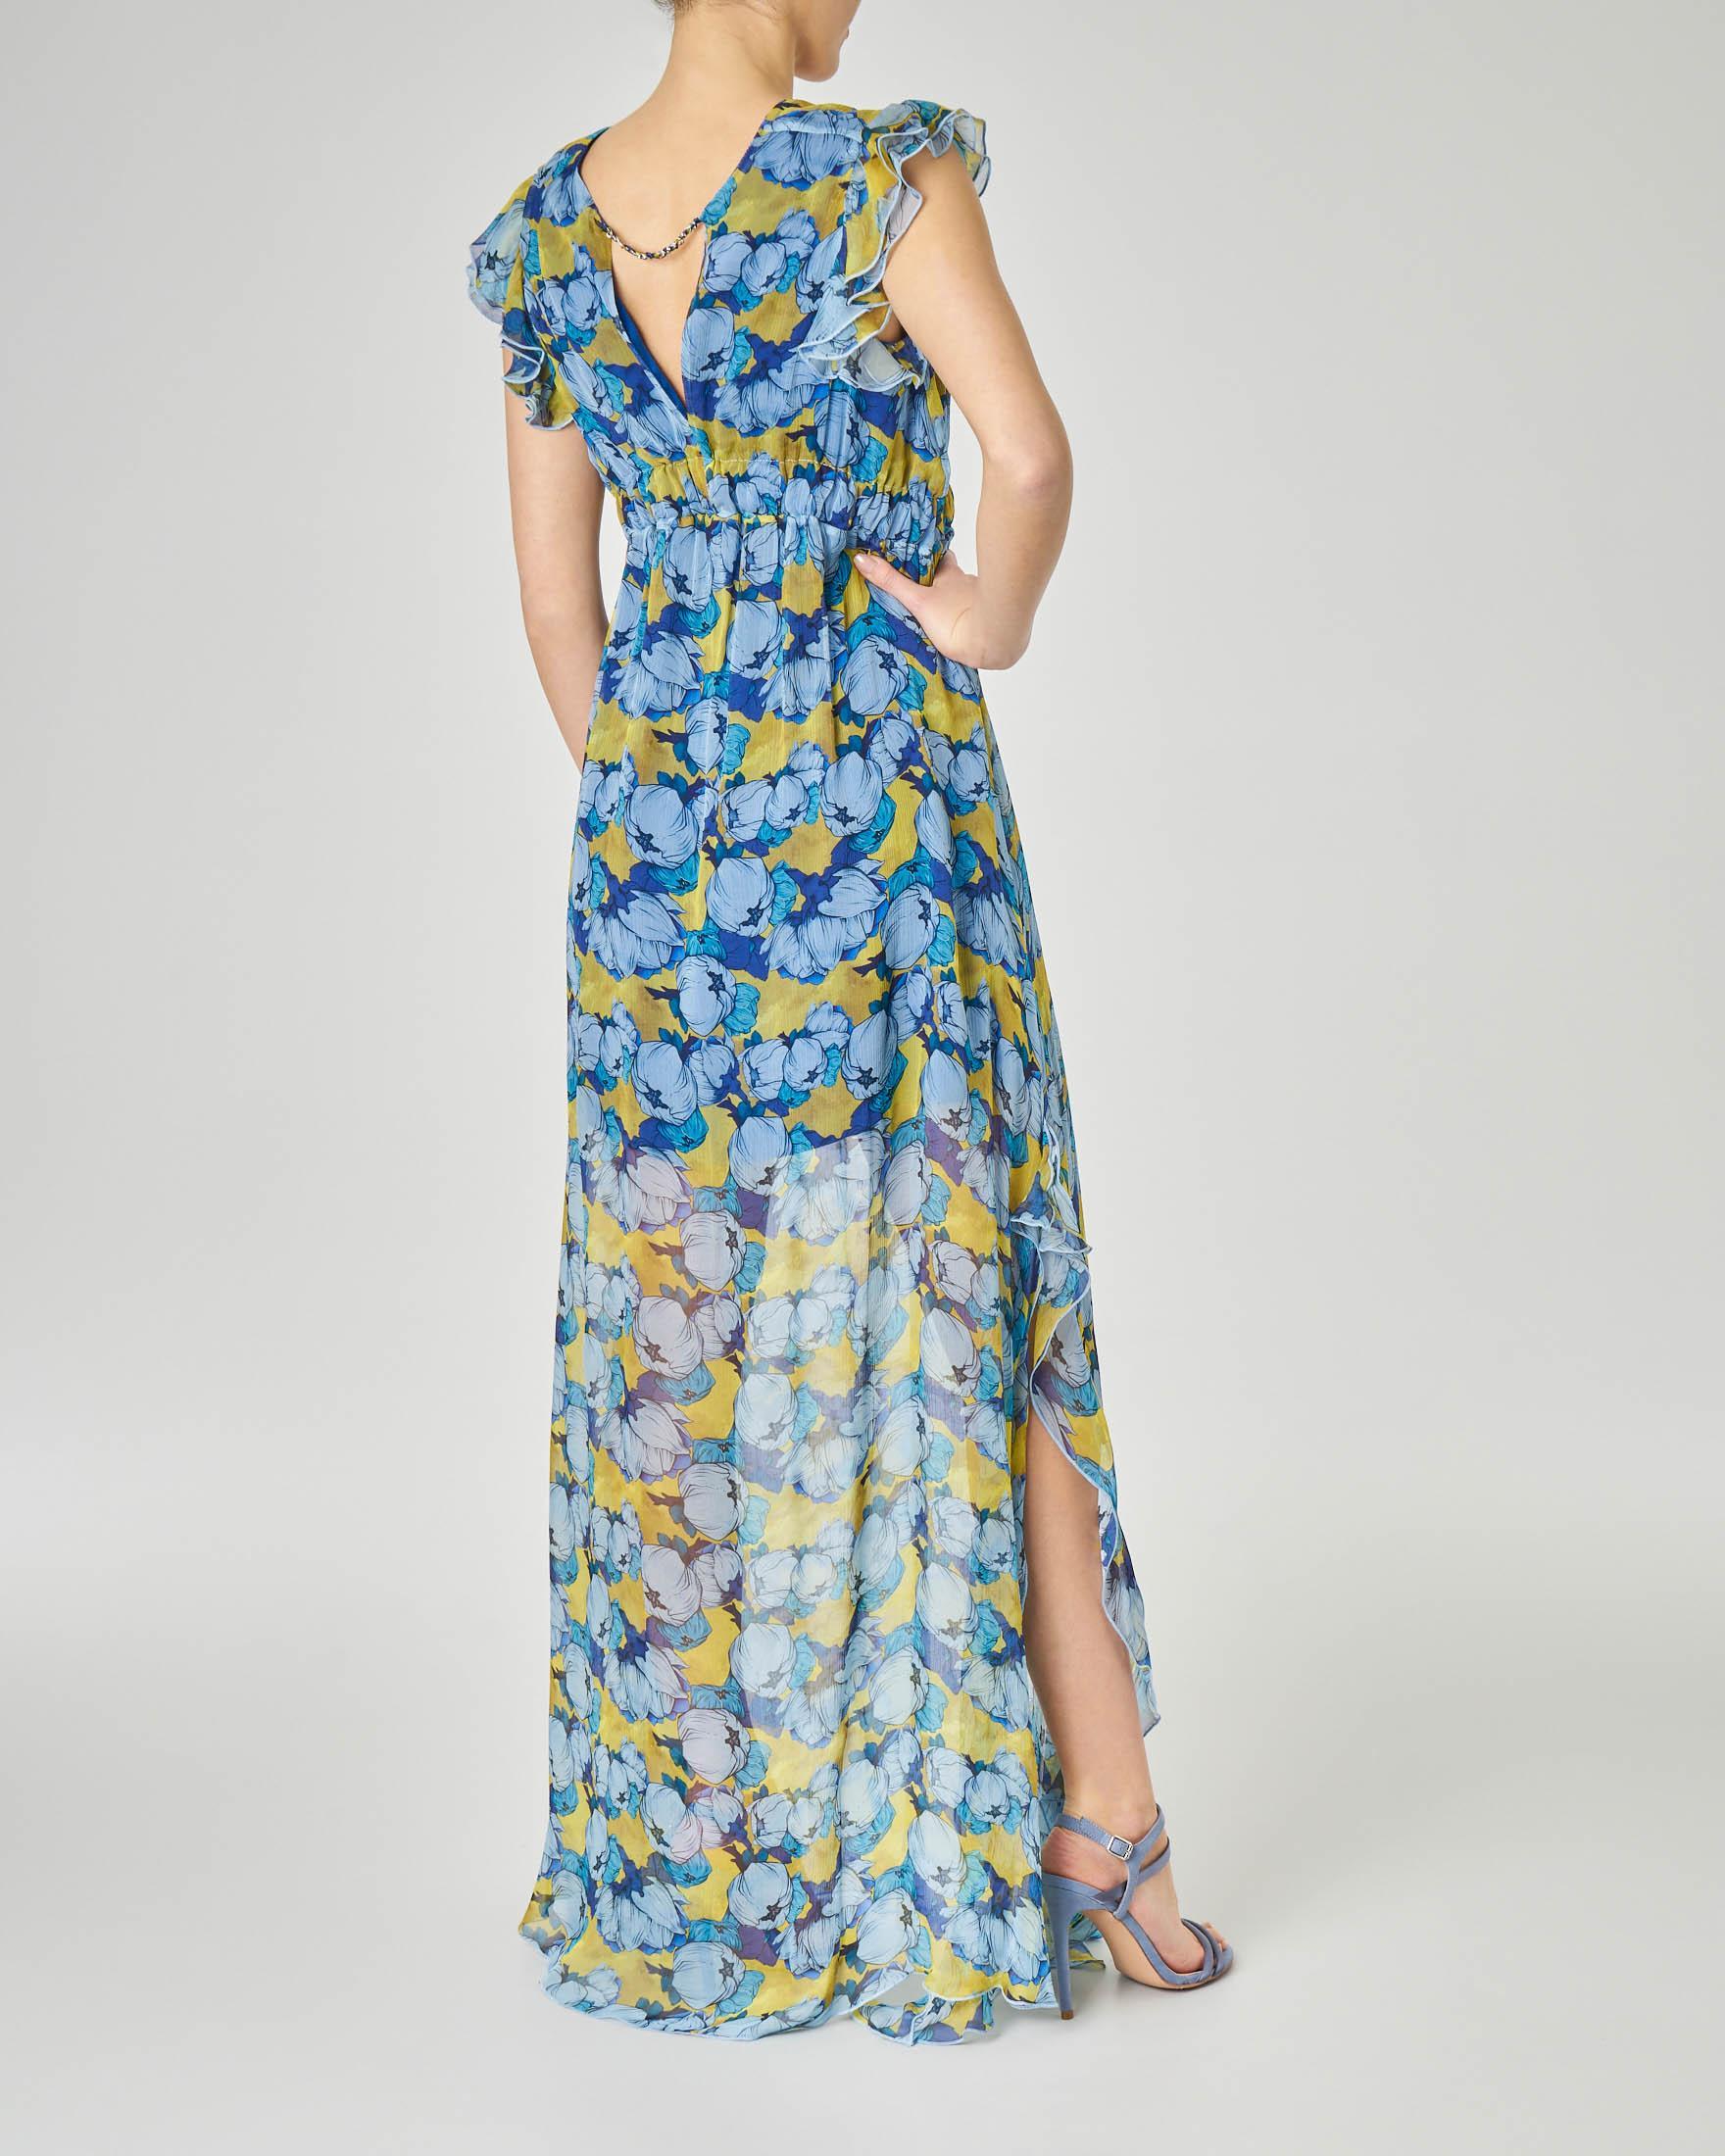 Abito lungo in georgette di viscosa a fantasia floreale azzurra con scollo a V